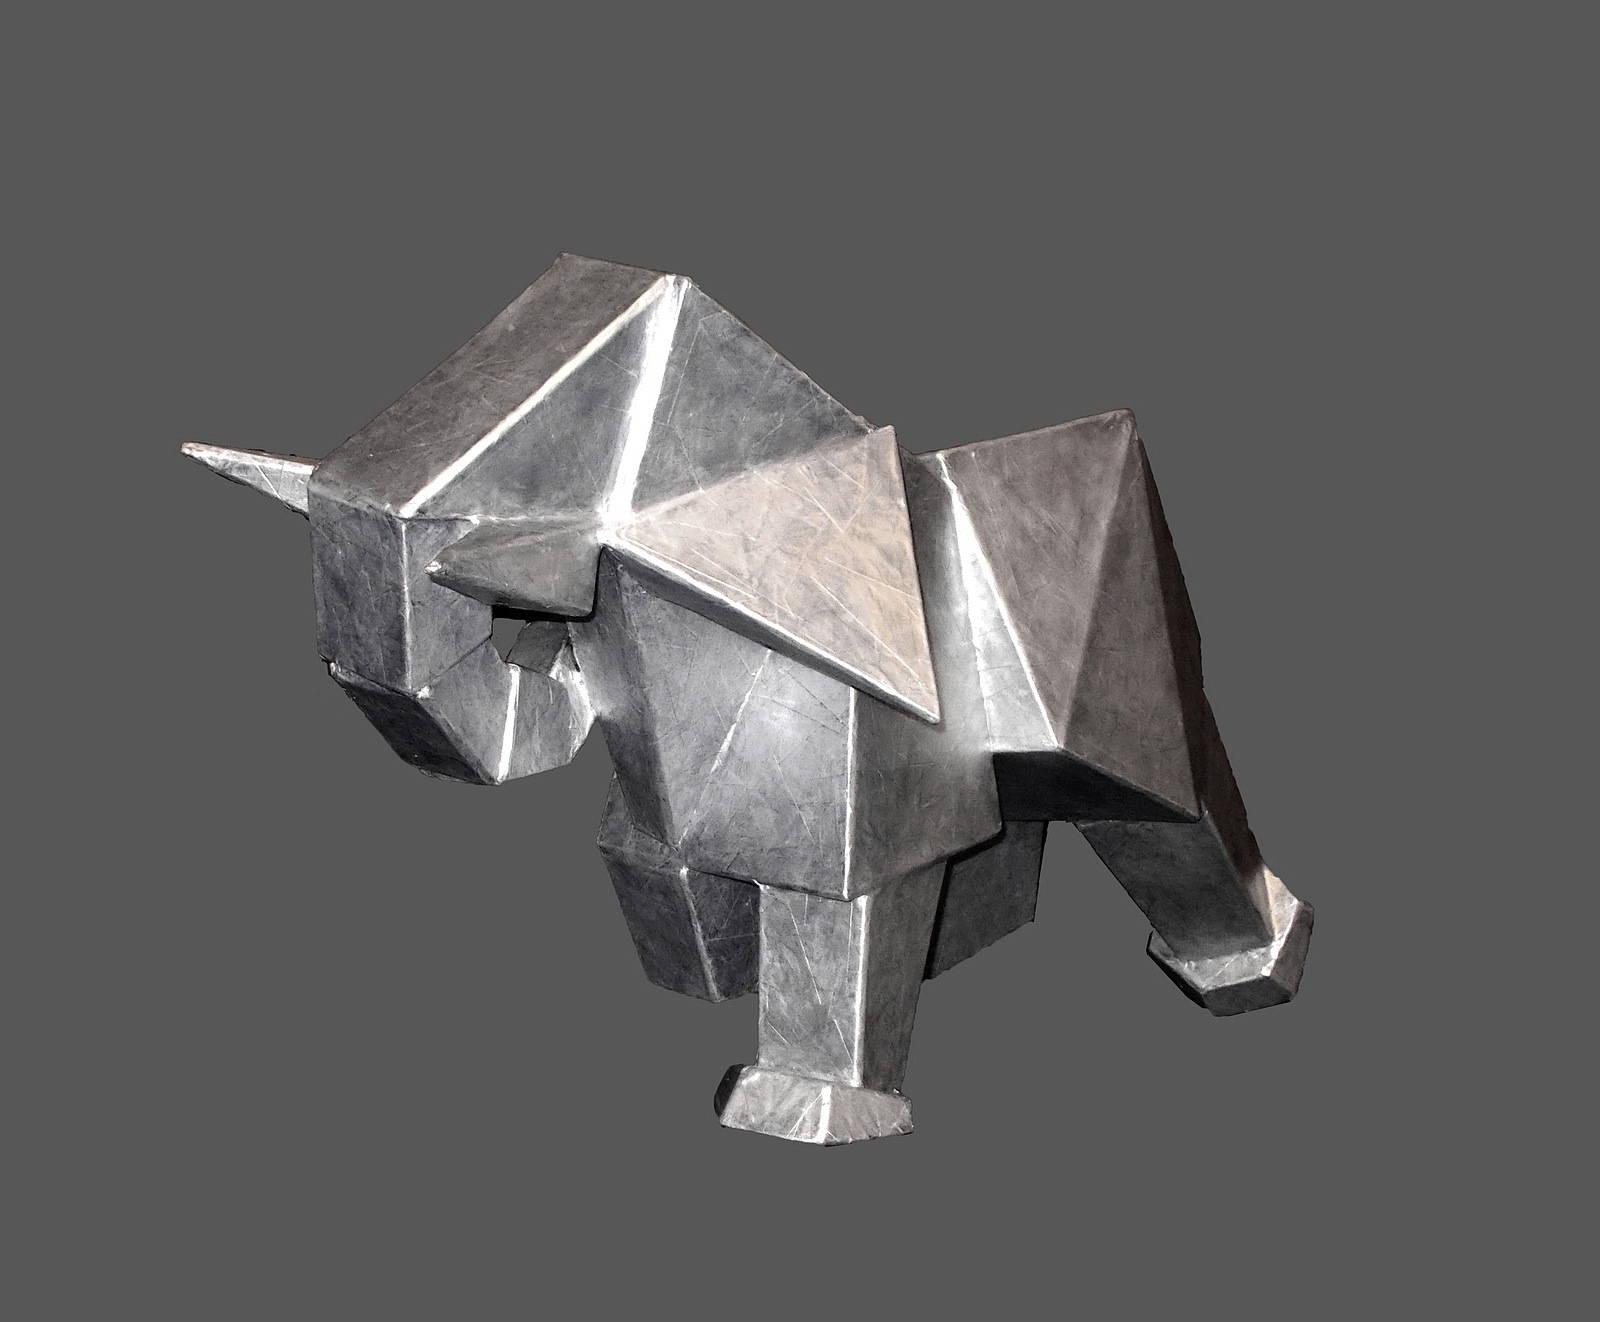 Слон  48х80х46 см,  2017 г.  скульптура-является моделью для будущей скульптуры в металле.